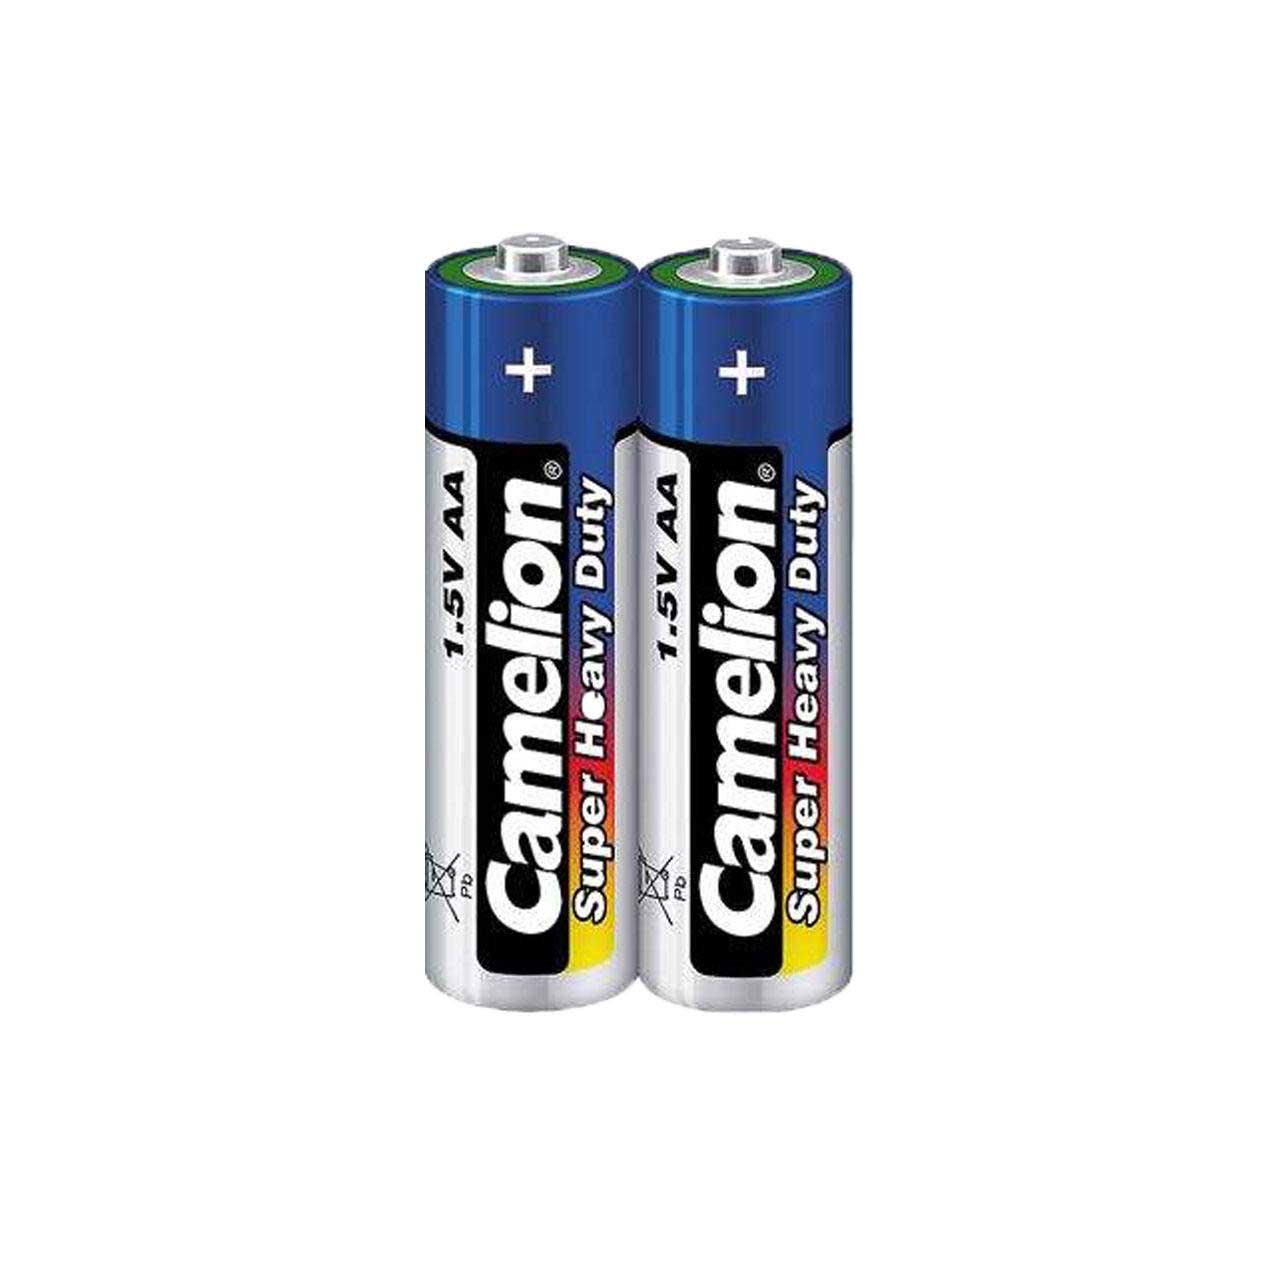 باتری قلمی کملیون مدل Super Heavy Duty کد 501 بسته 200 عددی